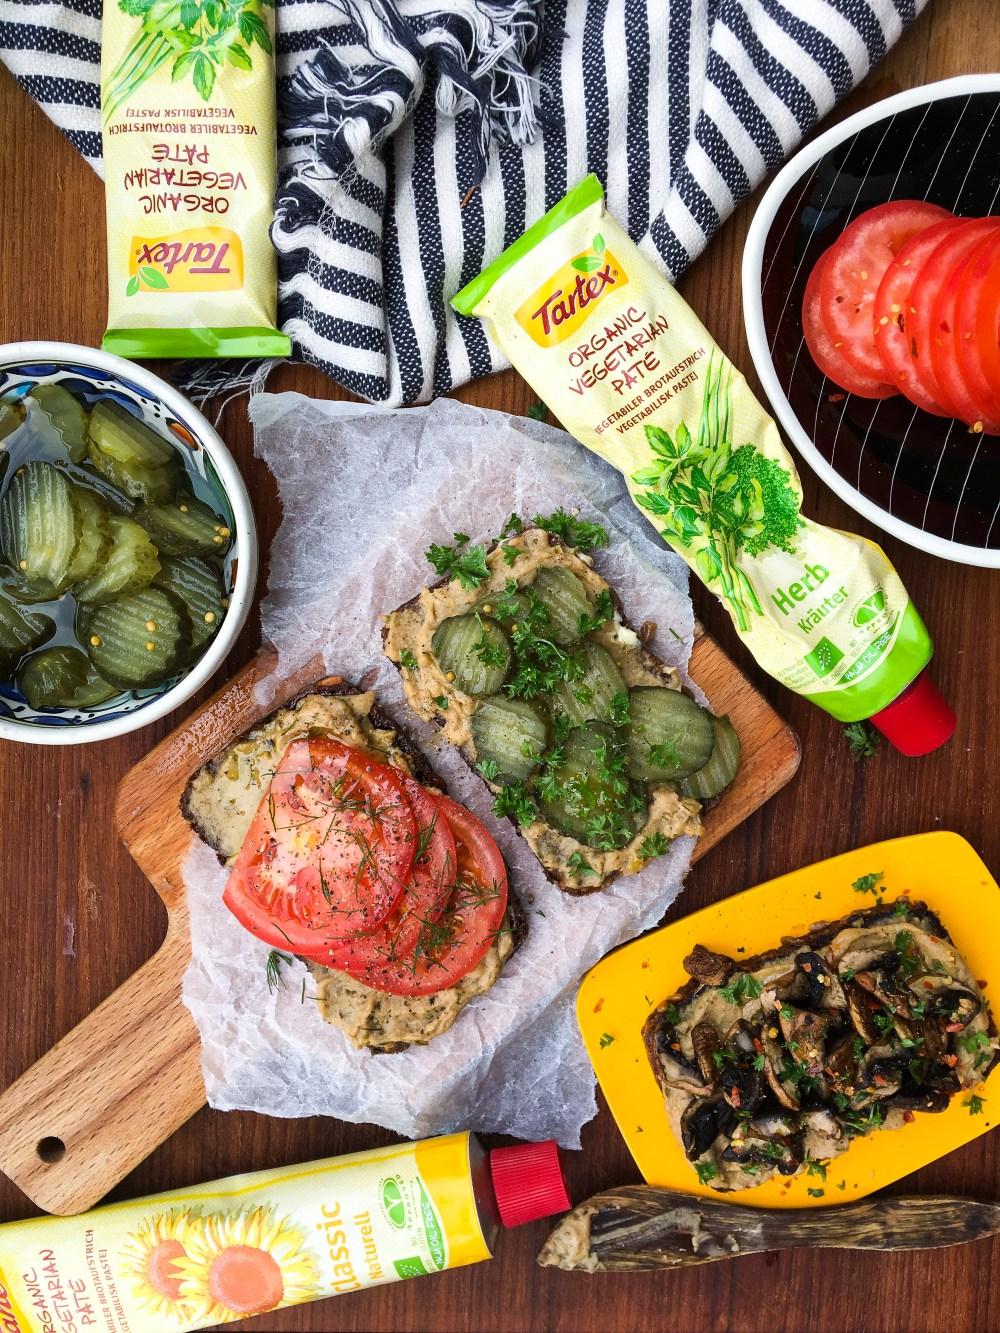 tartex olika veganska och vegetariska pålägg